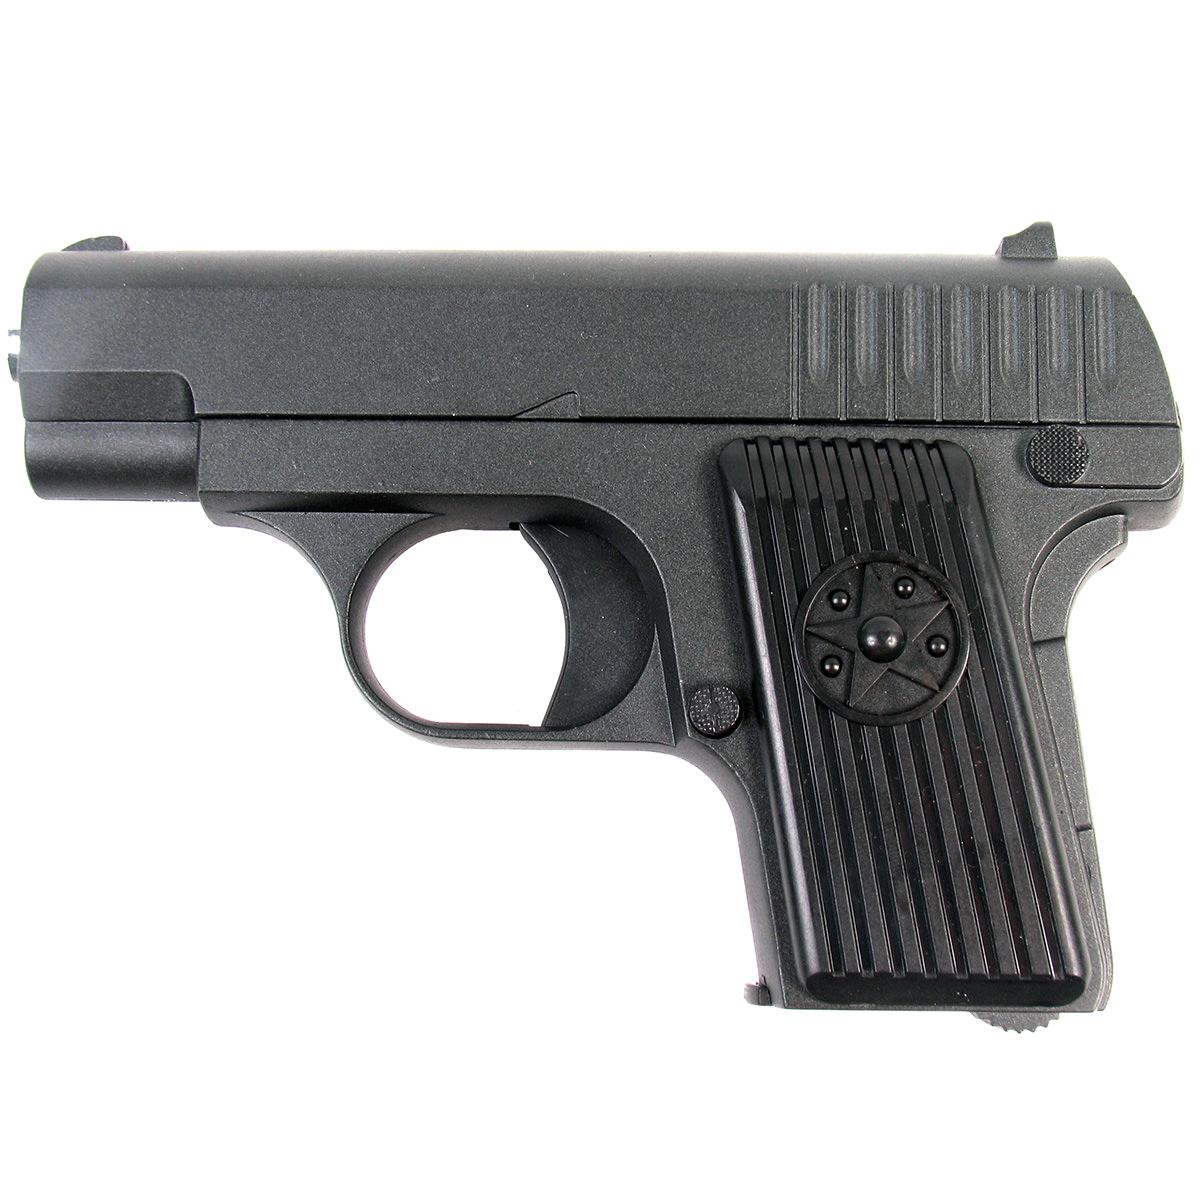 """Пружинный пистолет G.11 является уменьшенной стилизацией известного пистолета """"ТТ"""". Корпус  пистолета цельнометаллический. В магазин вмещается 7 шариков BB 6 мм. Выстрел из  пистолета осуществляется с помощью пружины, максимальная начальная скорость выстрела не  более 50 м/с. Прицельные приспособления не регулируемые, пистолет предназначен для  стрельбы на короткие дистанции."""